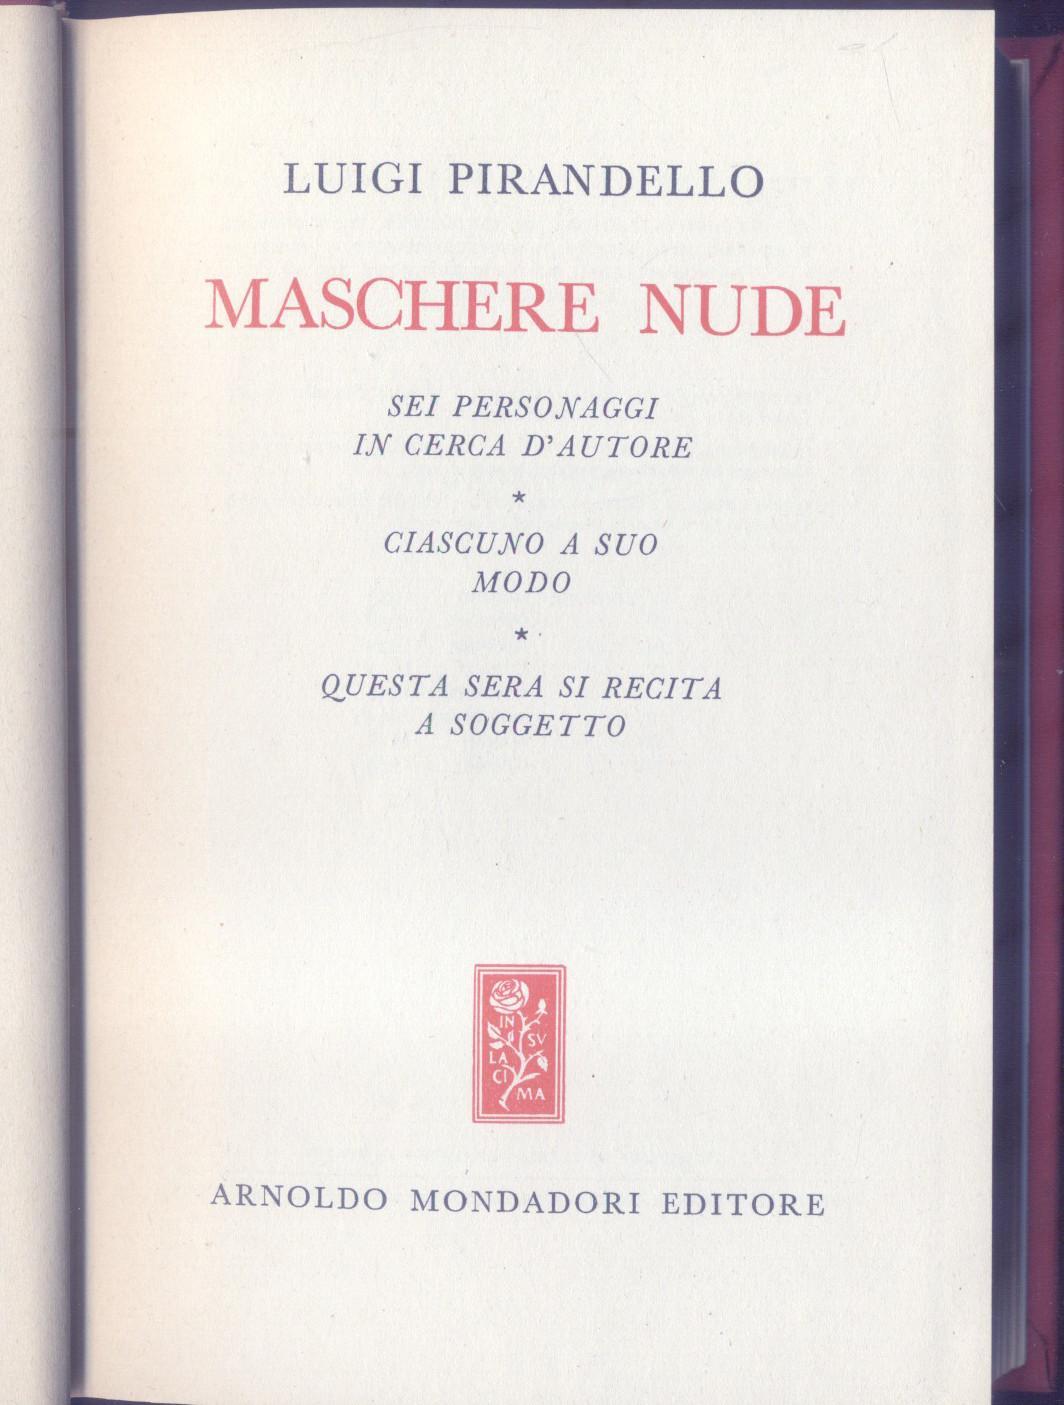 Masks Nude Luigi Pirandello Mondadori 1942 | eBay